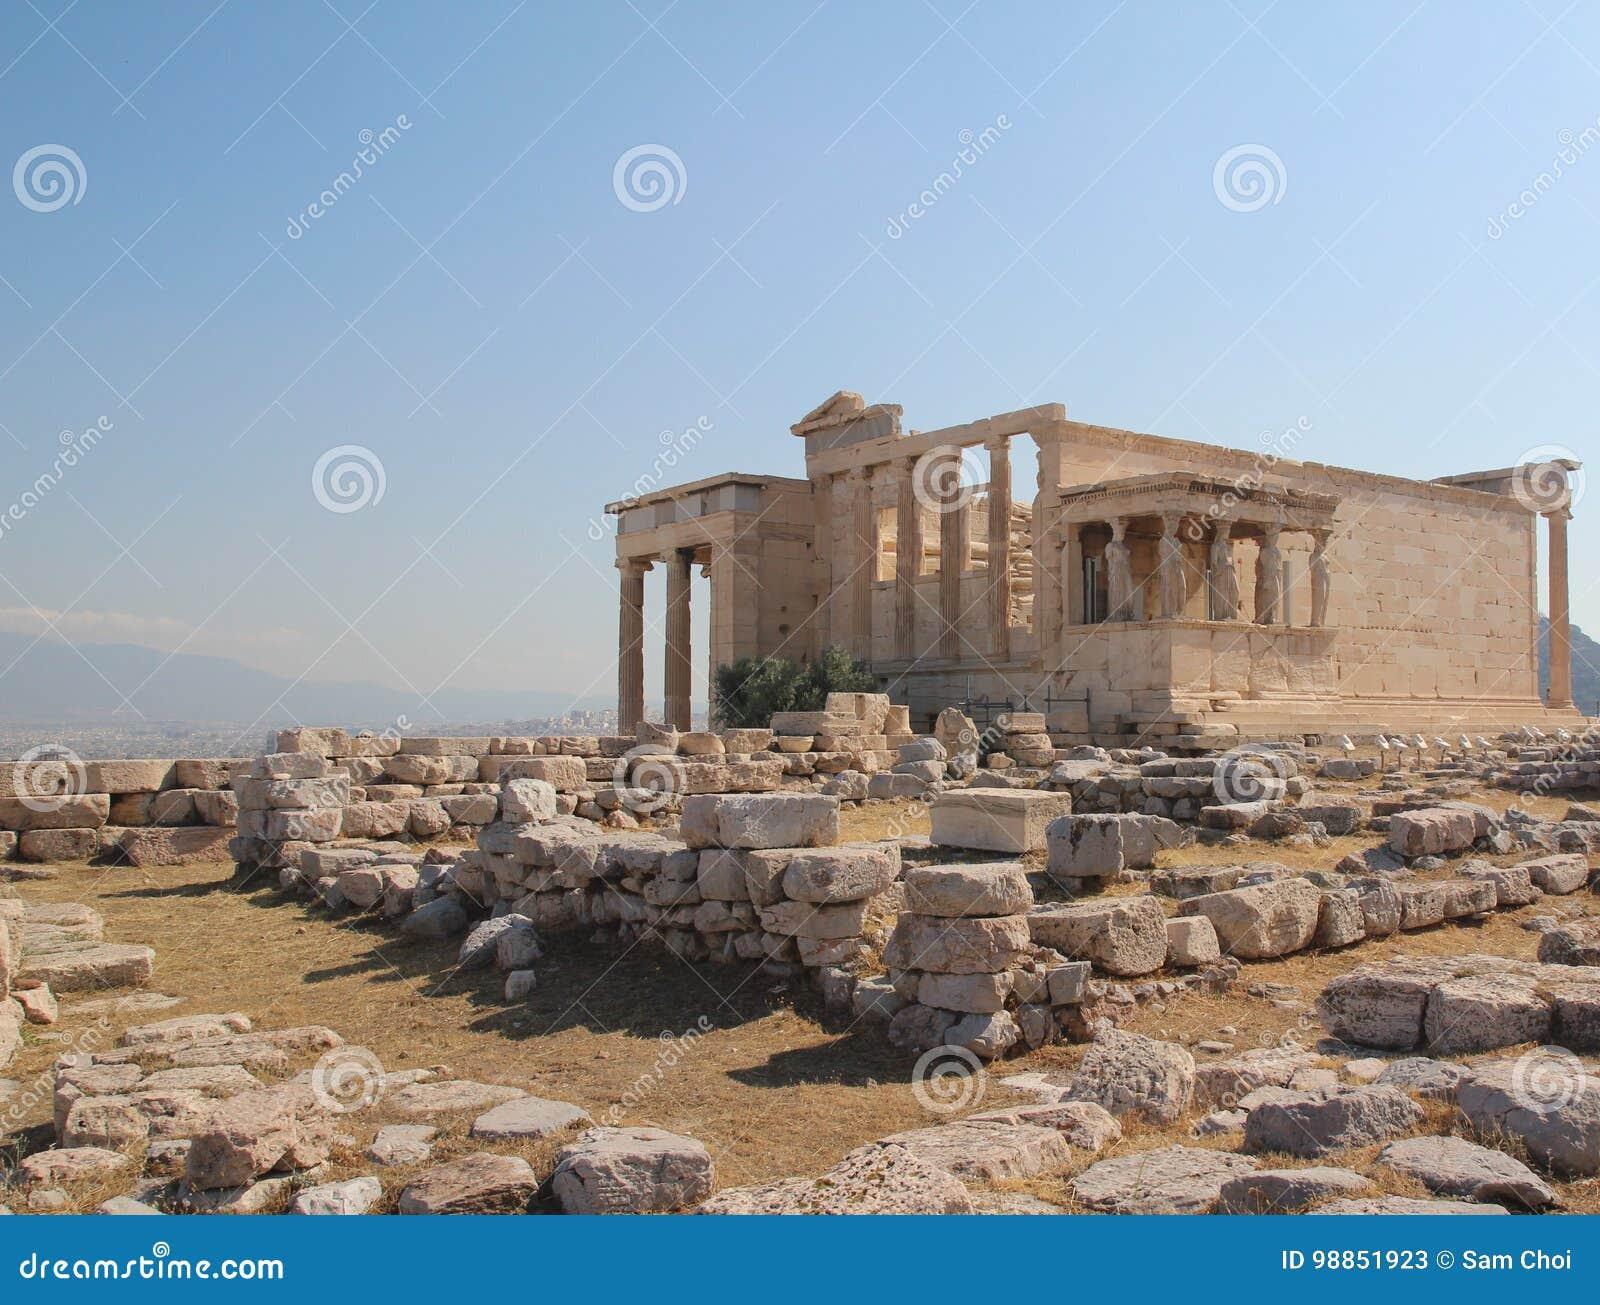 Erechtheion, Parthenon, Temple of Athena, Greece, Athens